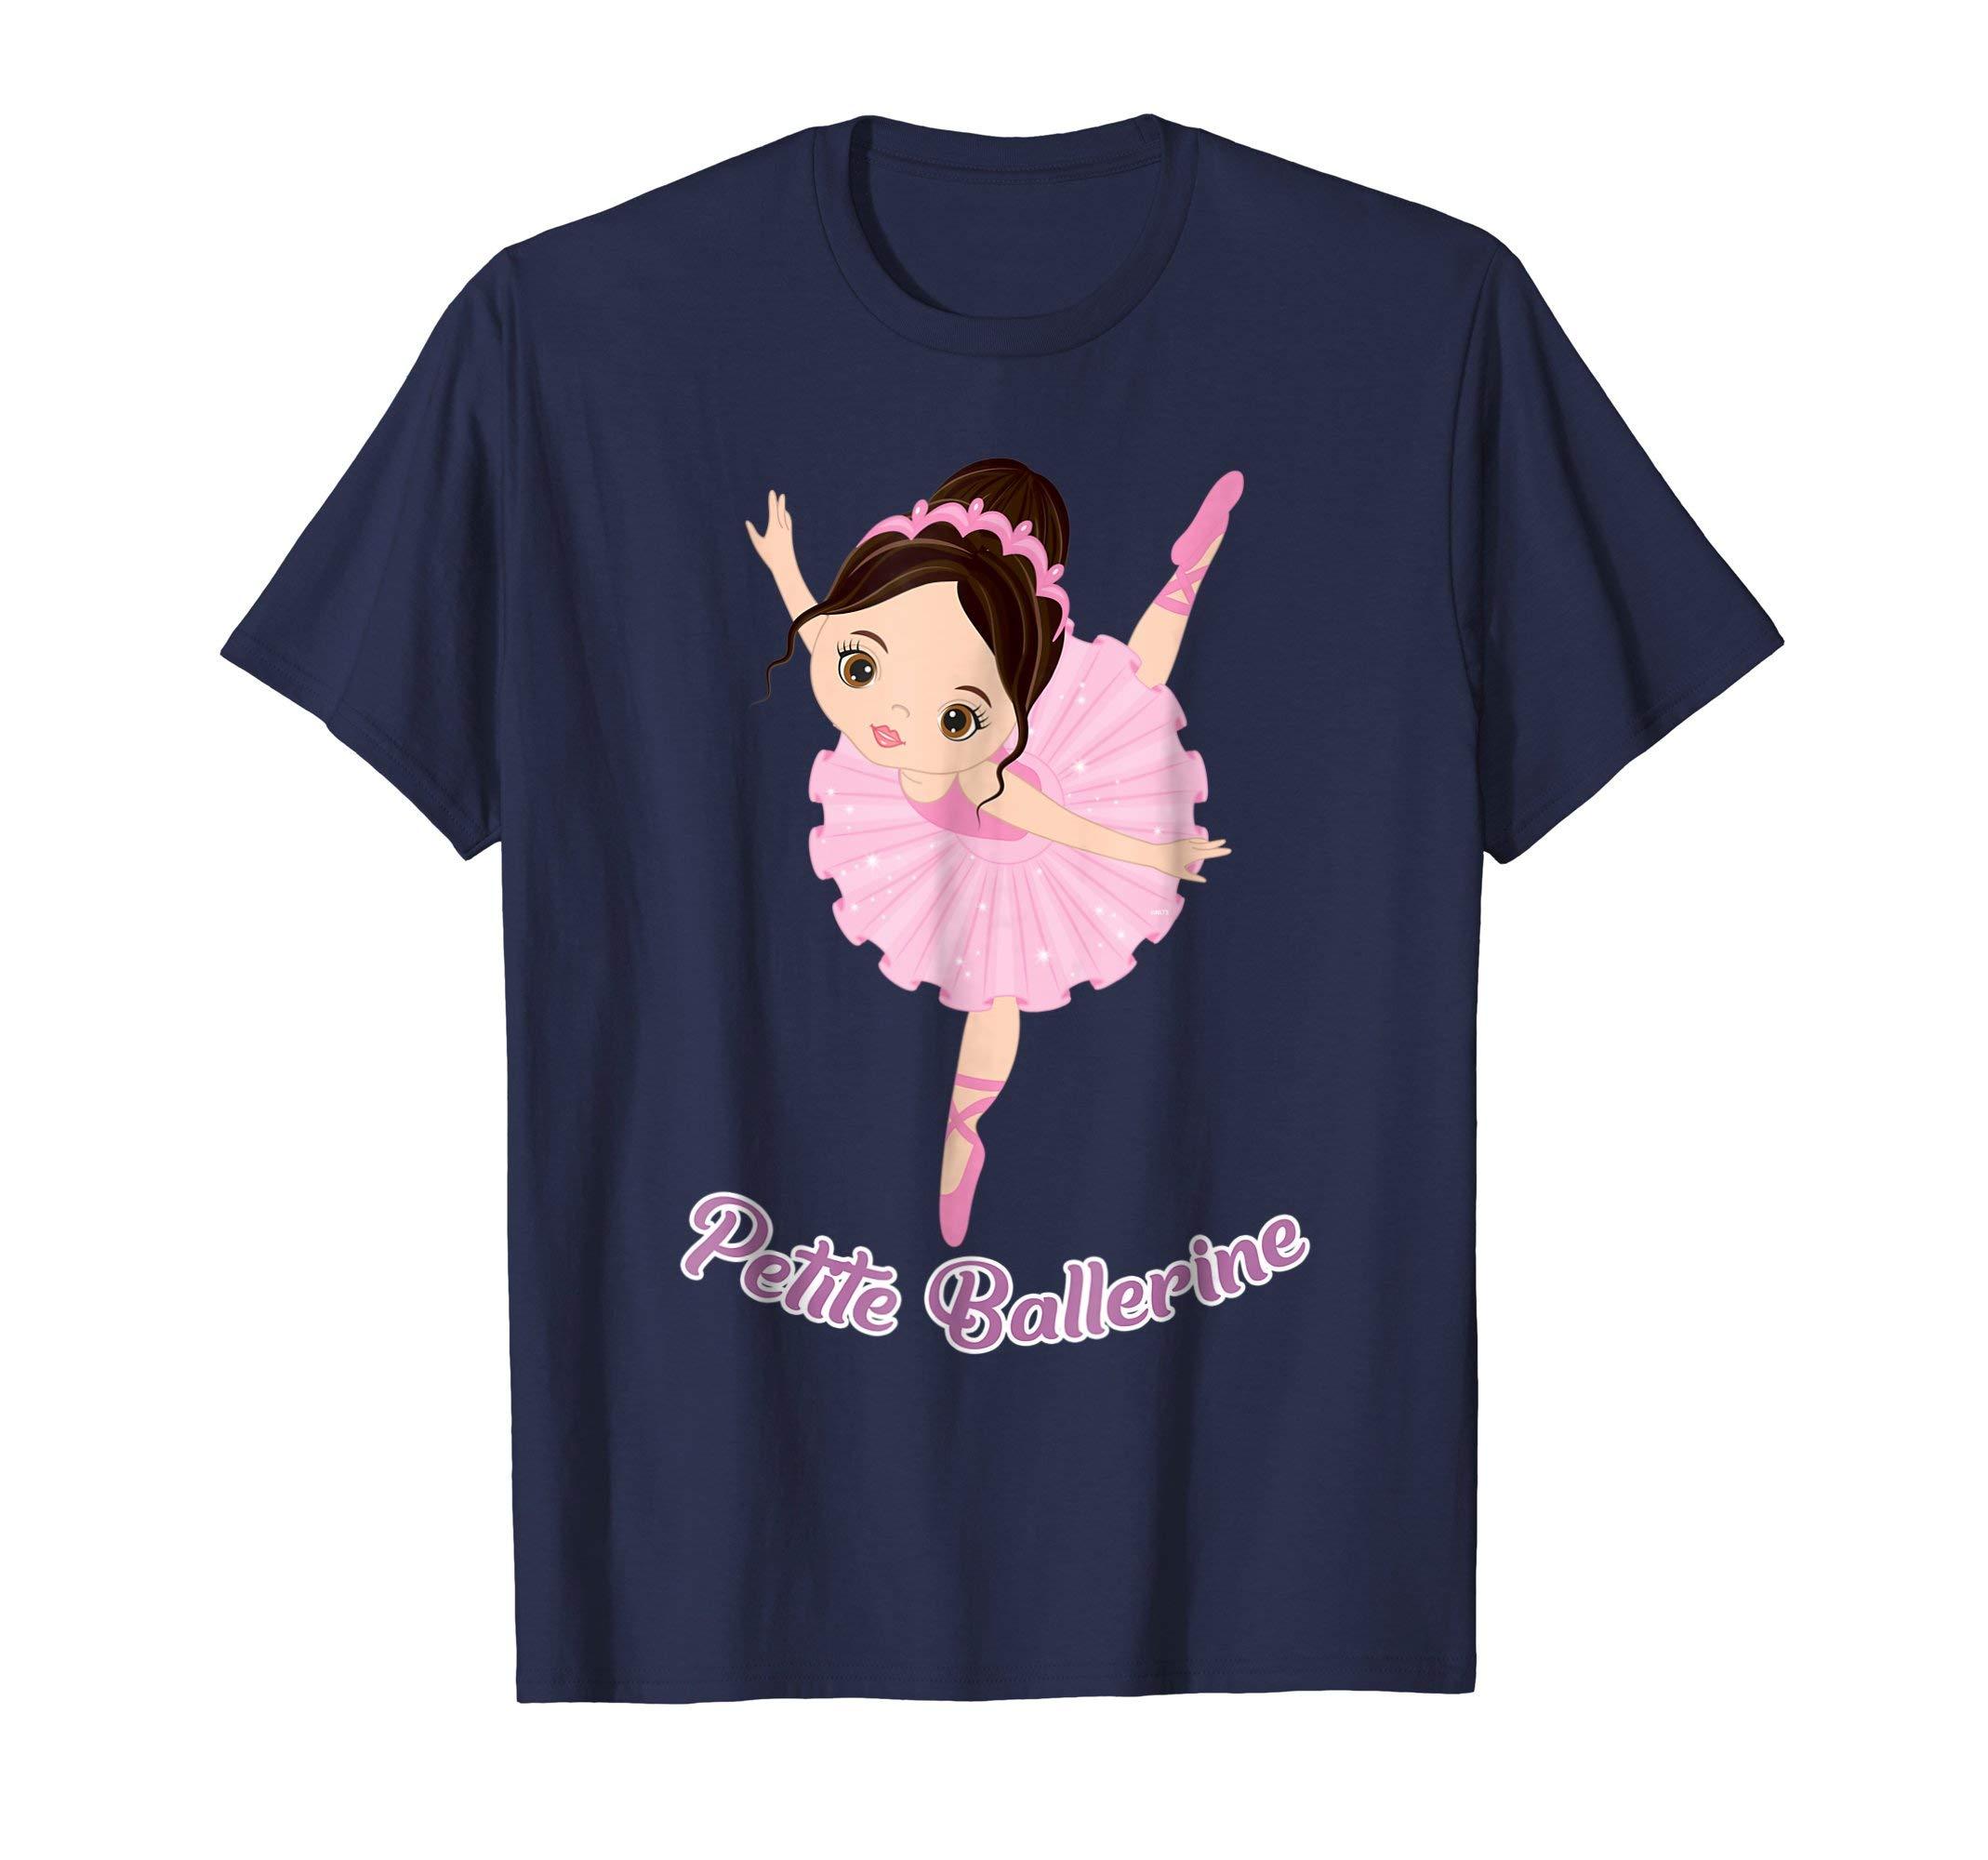 Petite-Ballerine-Dancer-Shirt-Ballet-Gifts-T-Shirt-Tee